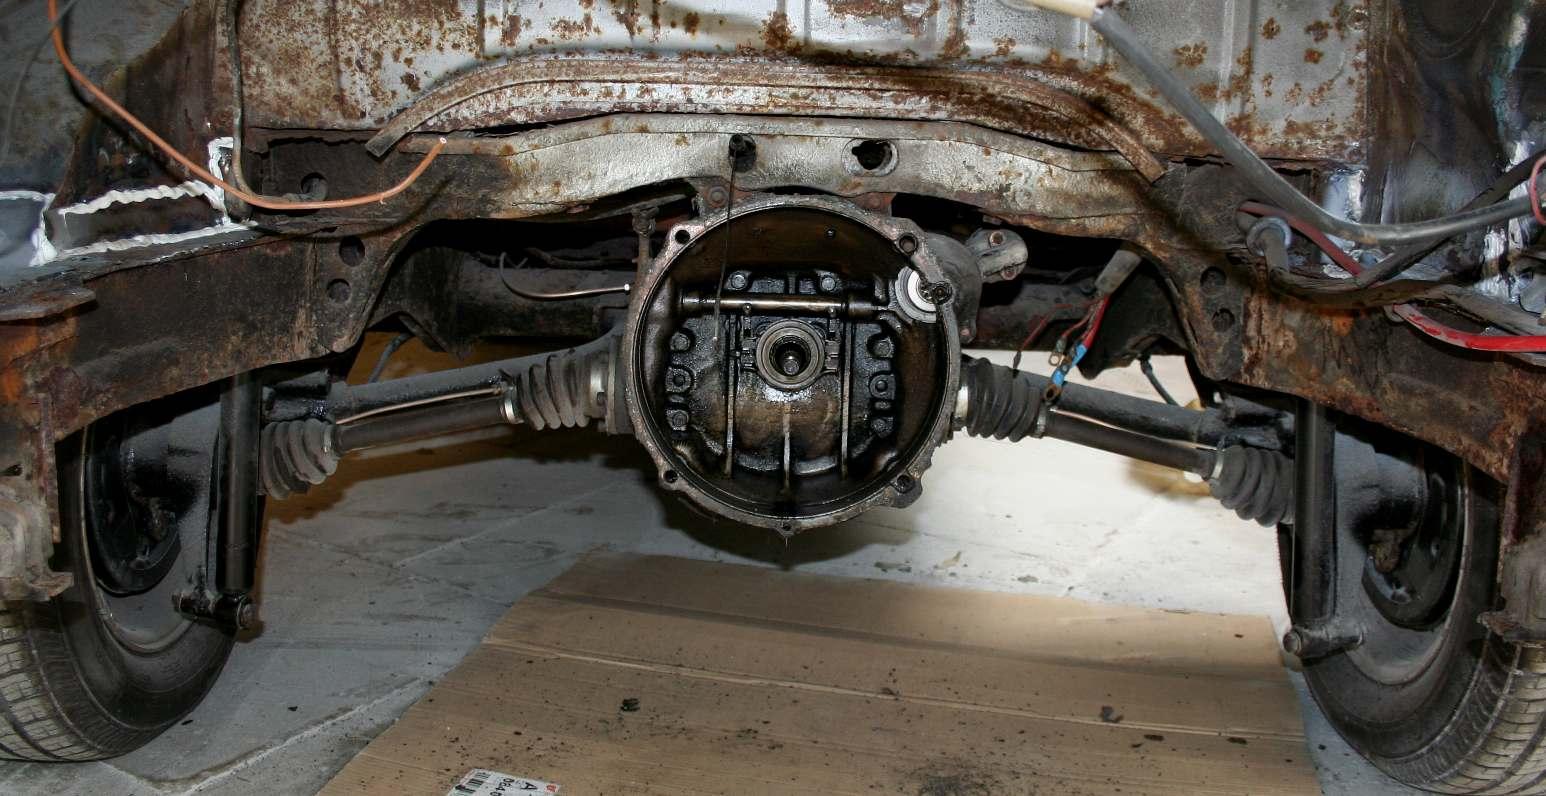 engine gearbox air cooled vw camper kombi van bus van mechanical repairs diy